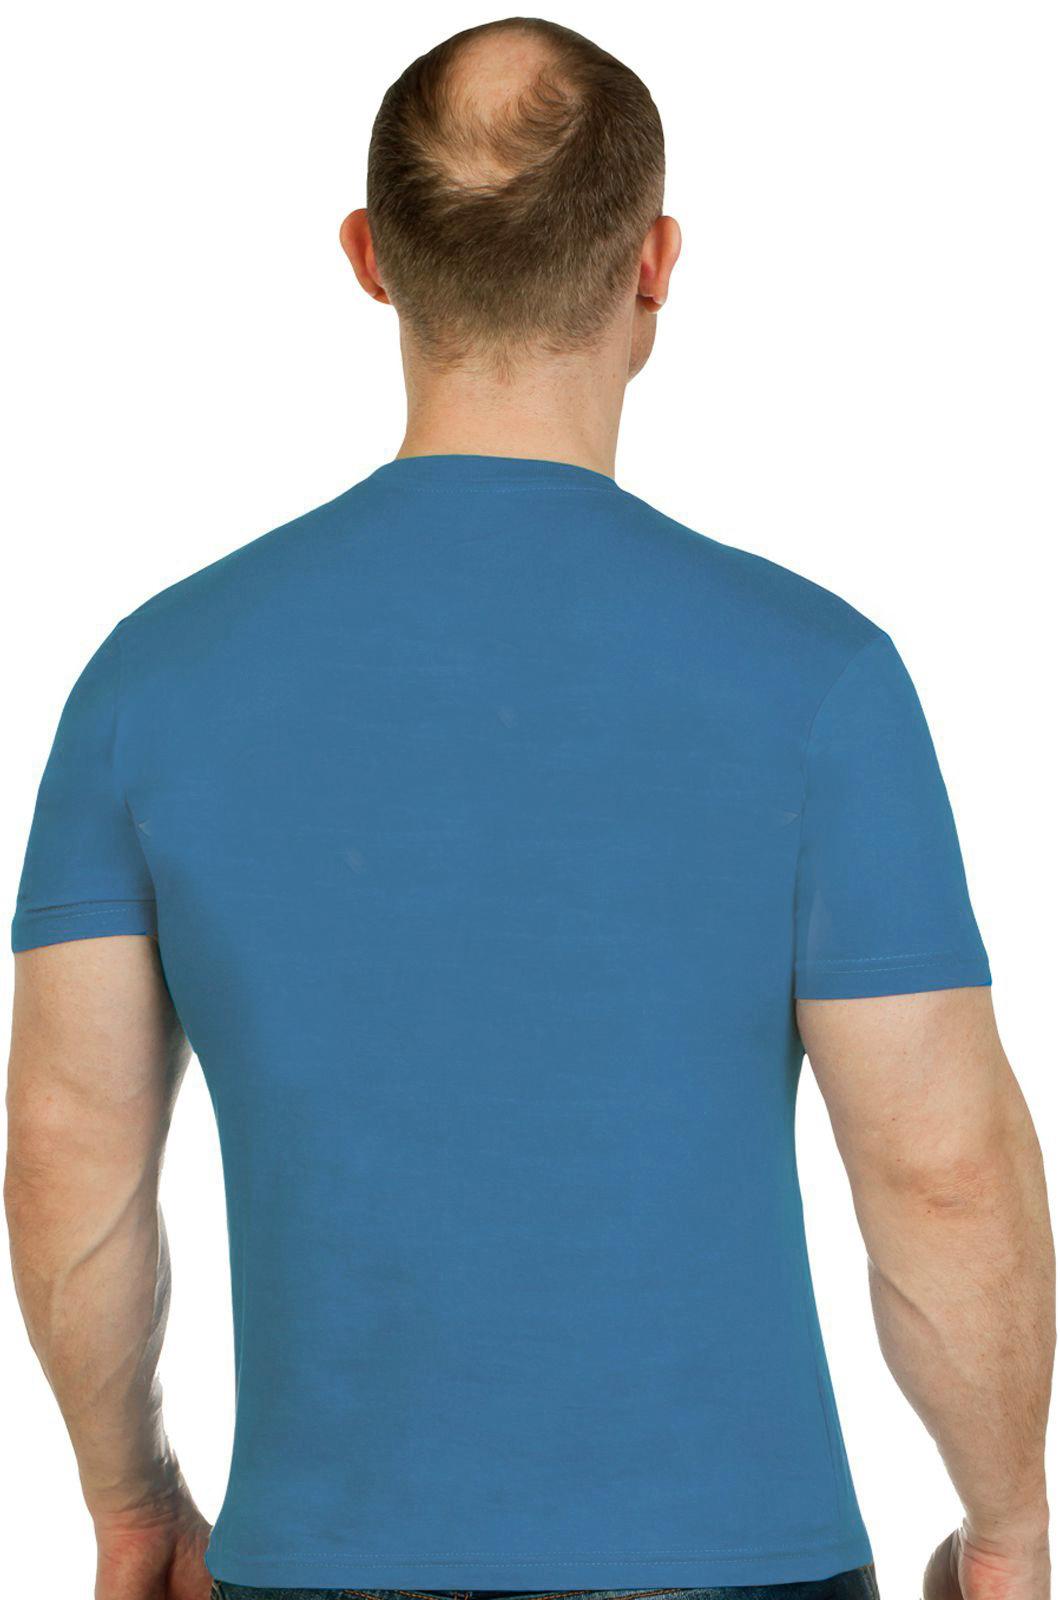 Стильная бирюзовая футболка с вышивкой 103 гв. ВДВ - заказать с доставкой